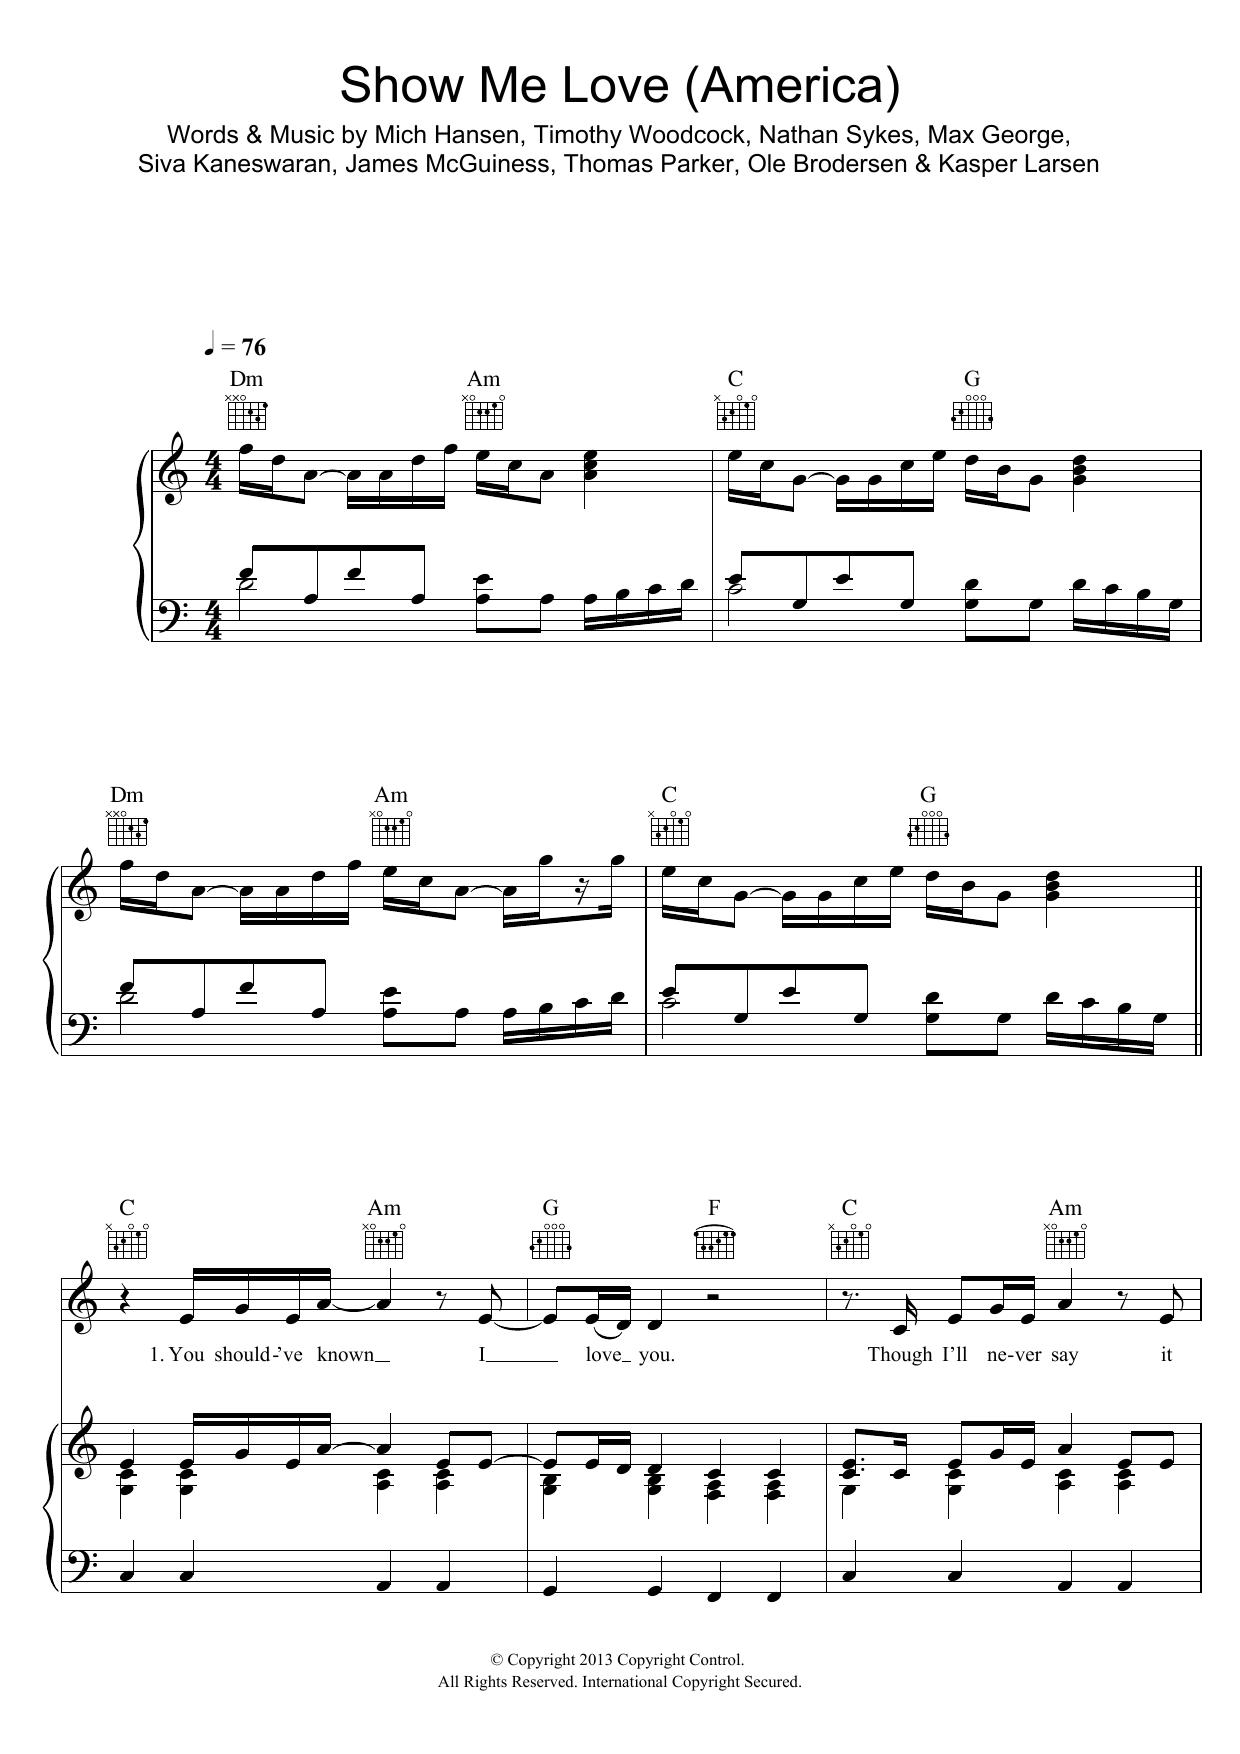 Show Me Love (America) (Piano, Vocal & Guitar)